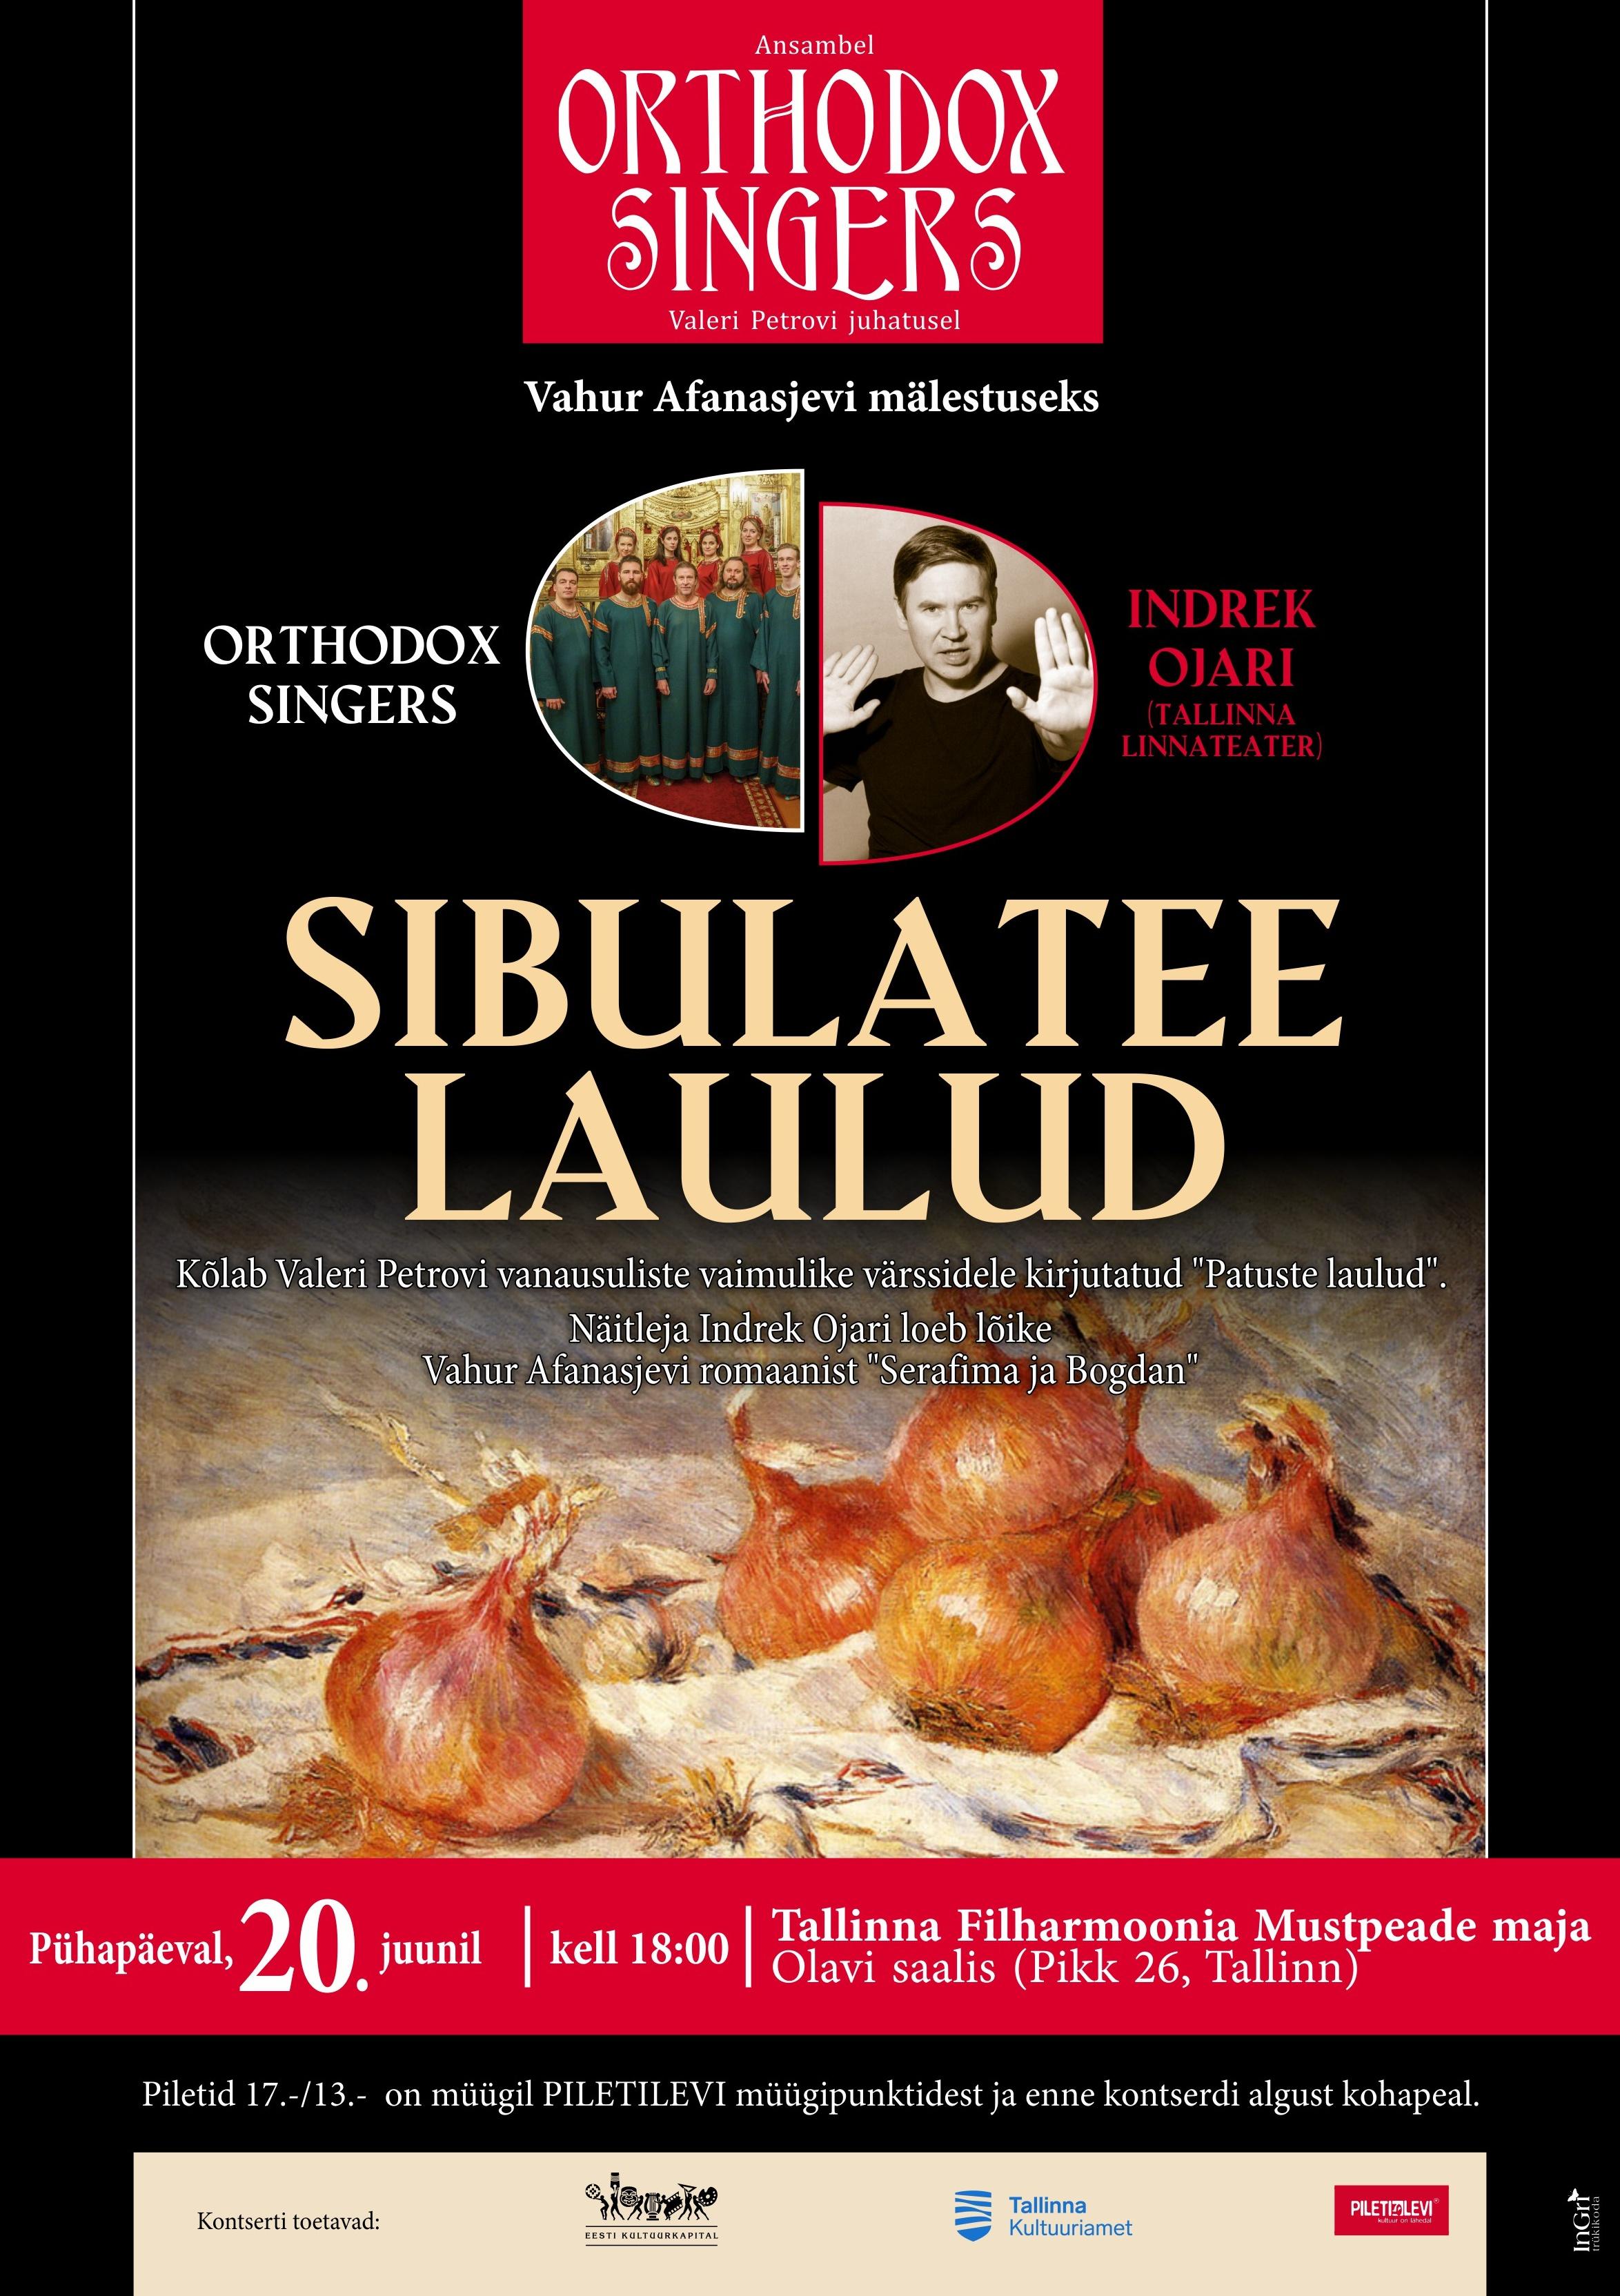 SIBULATEE LAULUD. Ansambel Orthodox Singers ja Vahur Afanasjev (14.03 asendus)